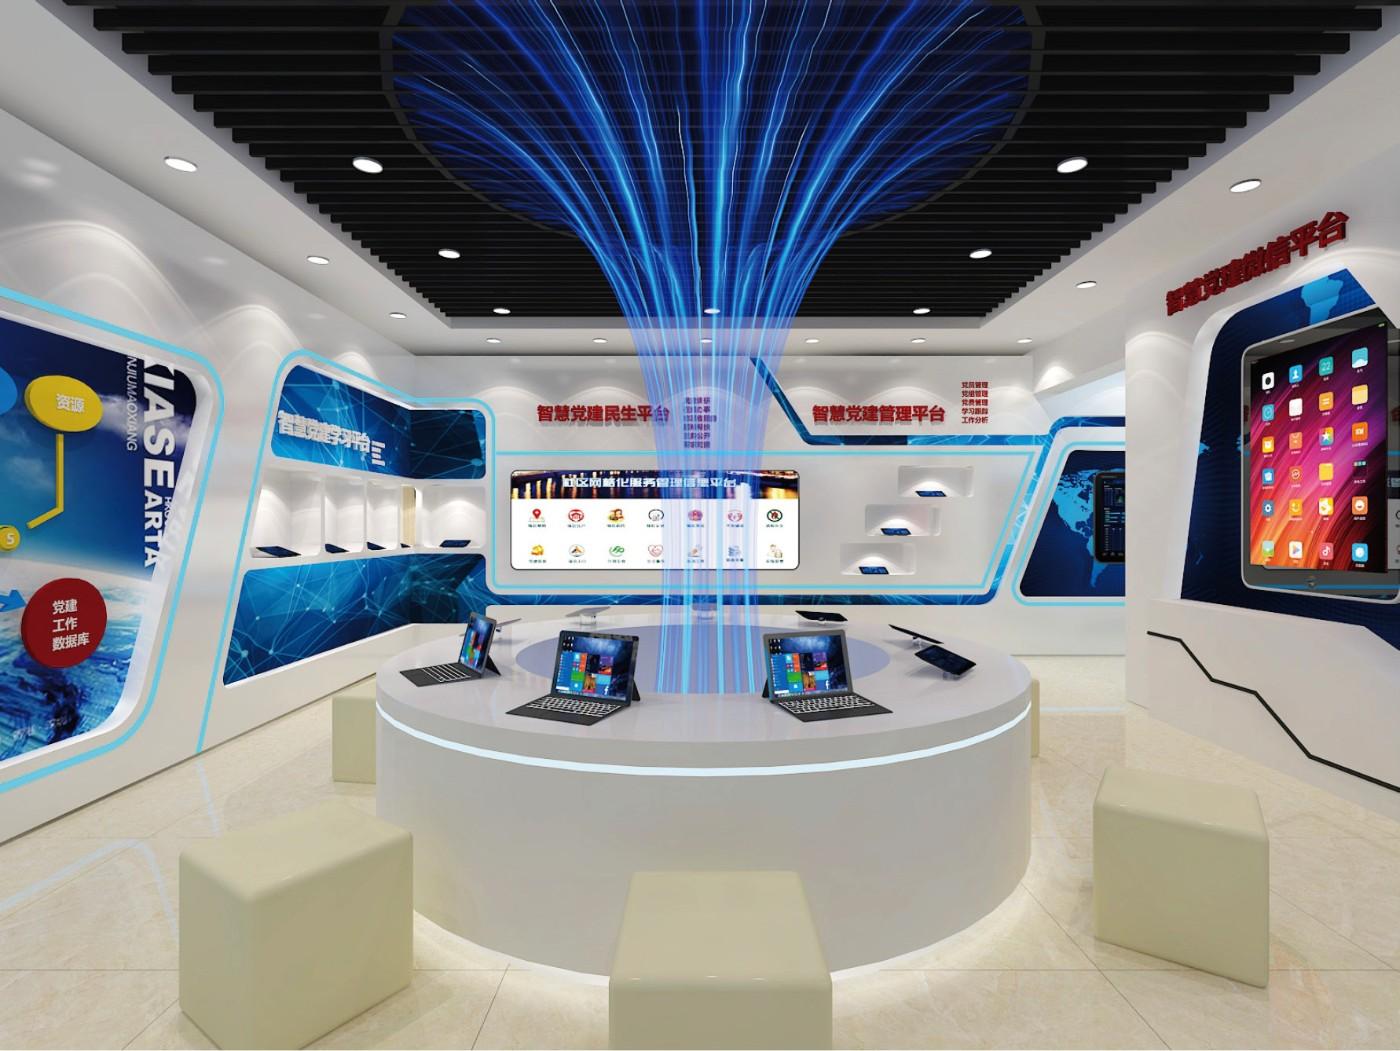 狮江社区2F智慧<a href='http://www.6chuangyi.com/service/kongjiansheji/' title='' style='color:;font-weight:bold'>党建展厅设计</a>03.jpg